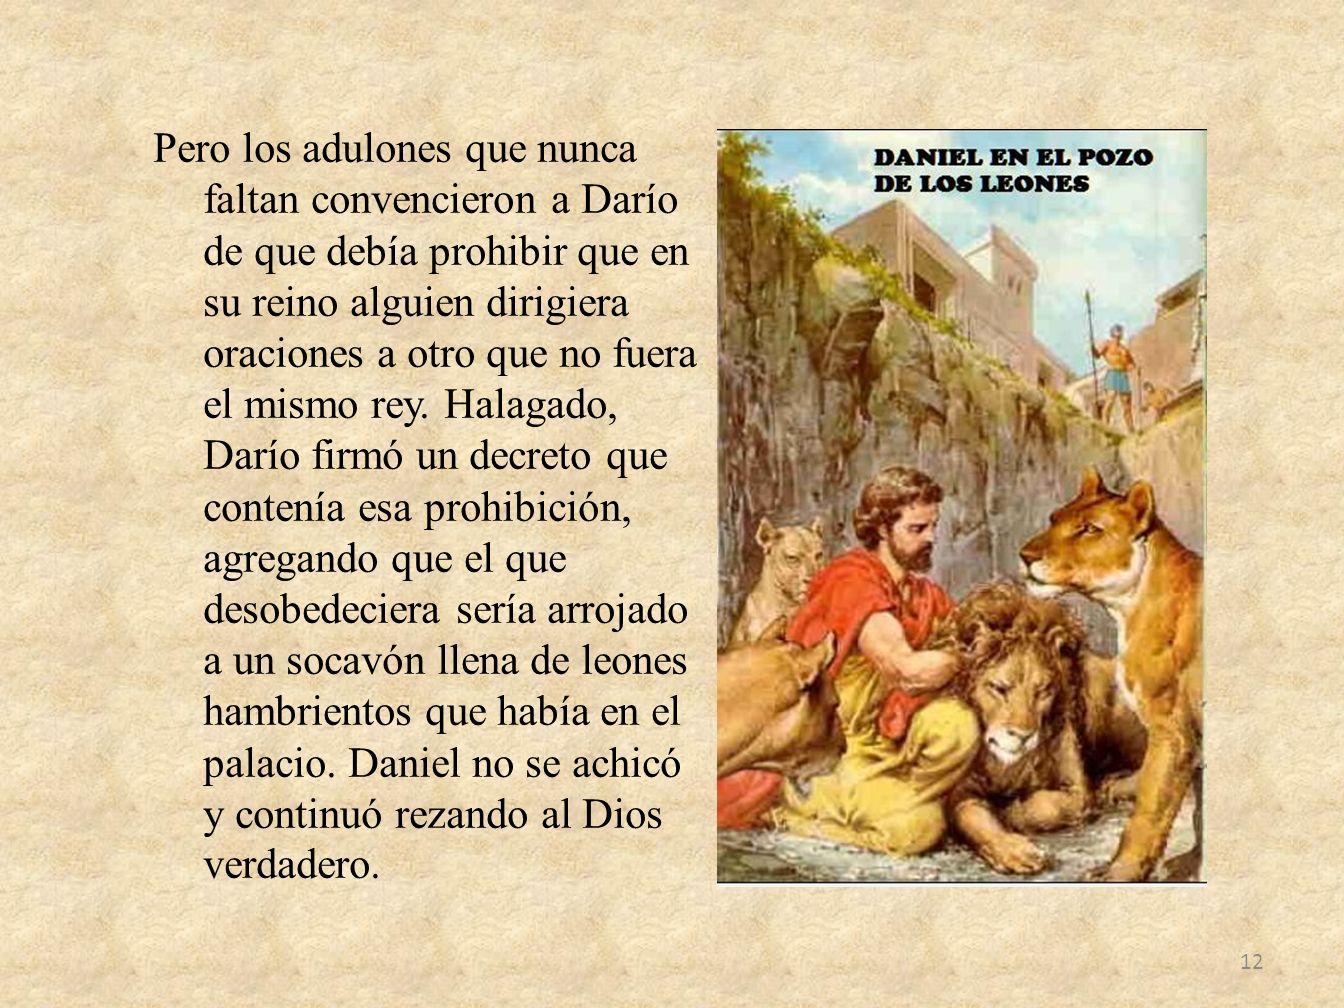 Pero los adulones que nunca faltan convencieron a Darío de que debía prohibir que en su reino alguien dirigiera oraciones a otro que no fuera el mismo rey.